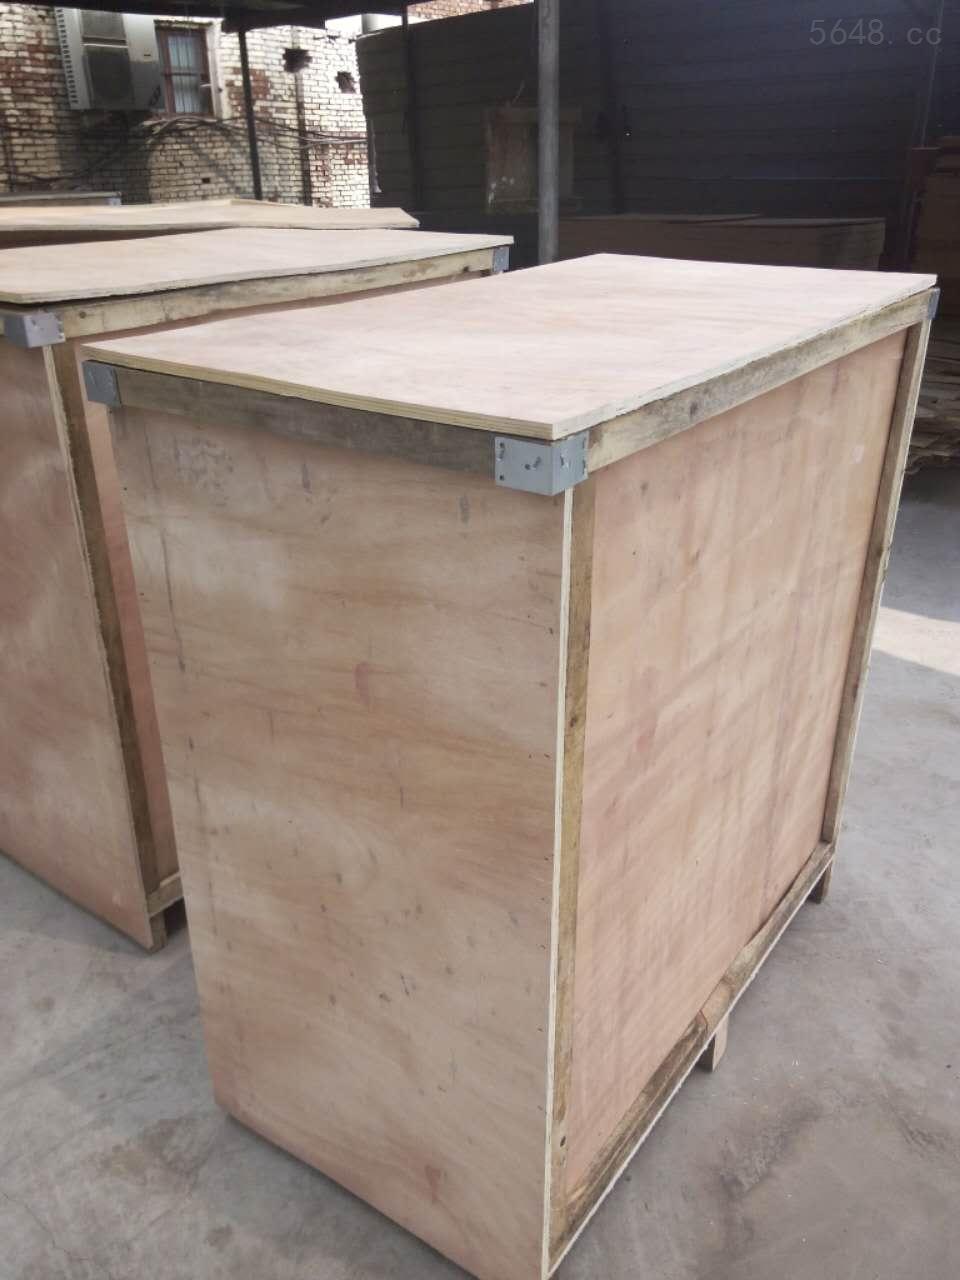 石家庄木质包装箱哪家好? 找石家庄最专业的木质包装箱生产厂家就选石家庄力巨仓储设备有限公司 木质包装箱在设计的时候有哪些特点以及要求 1.该产品在设计的时候需要注意的地方有很多,不管是围板箱或者是容量的设计,都要根据客户的实际情况来进行设计。 2.为了降低成本,提高产品的使用率,我们可以使用一些经过裁板的下料,这样也可以做到回收利用了。 3.